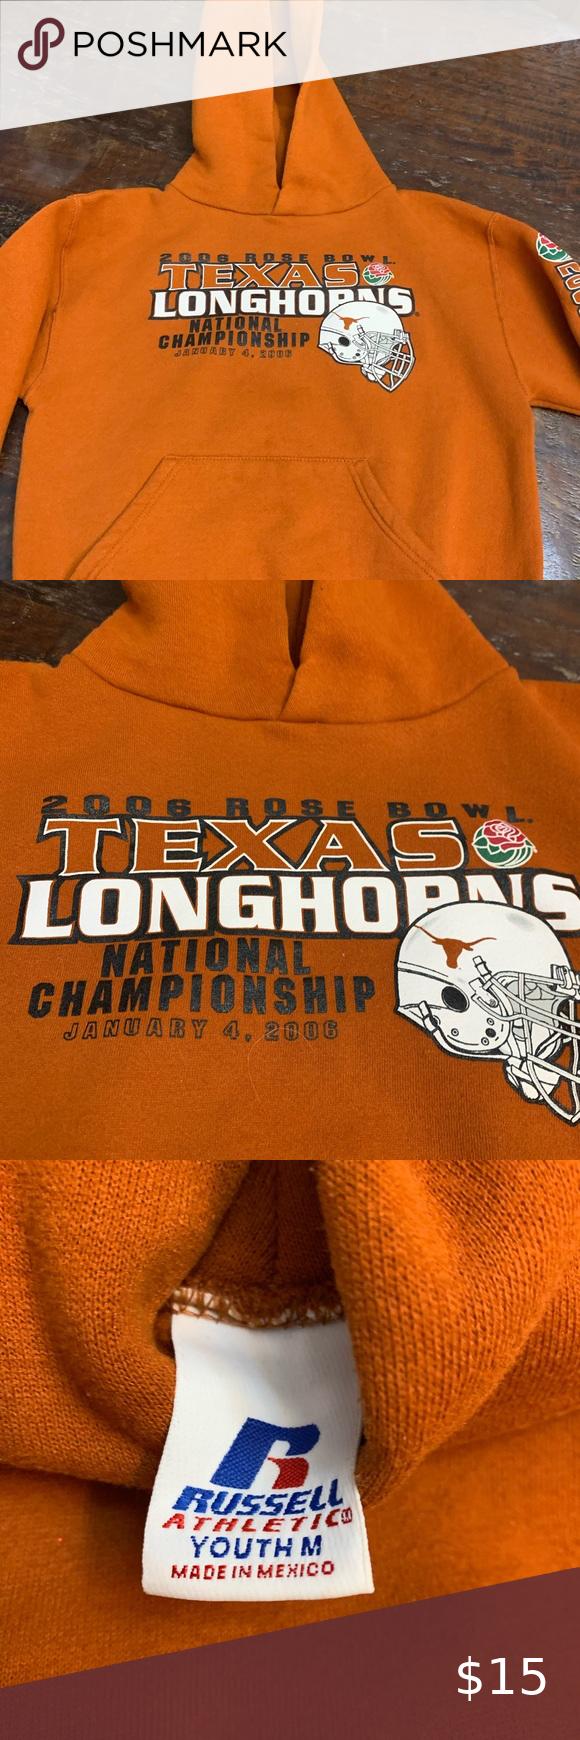 Texas Longhorns Youth Hooded Sweatshirt Hooded Sweatshirts Sweatshirts Texas Longhorns [ 1740 x 580 Pixel ]